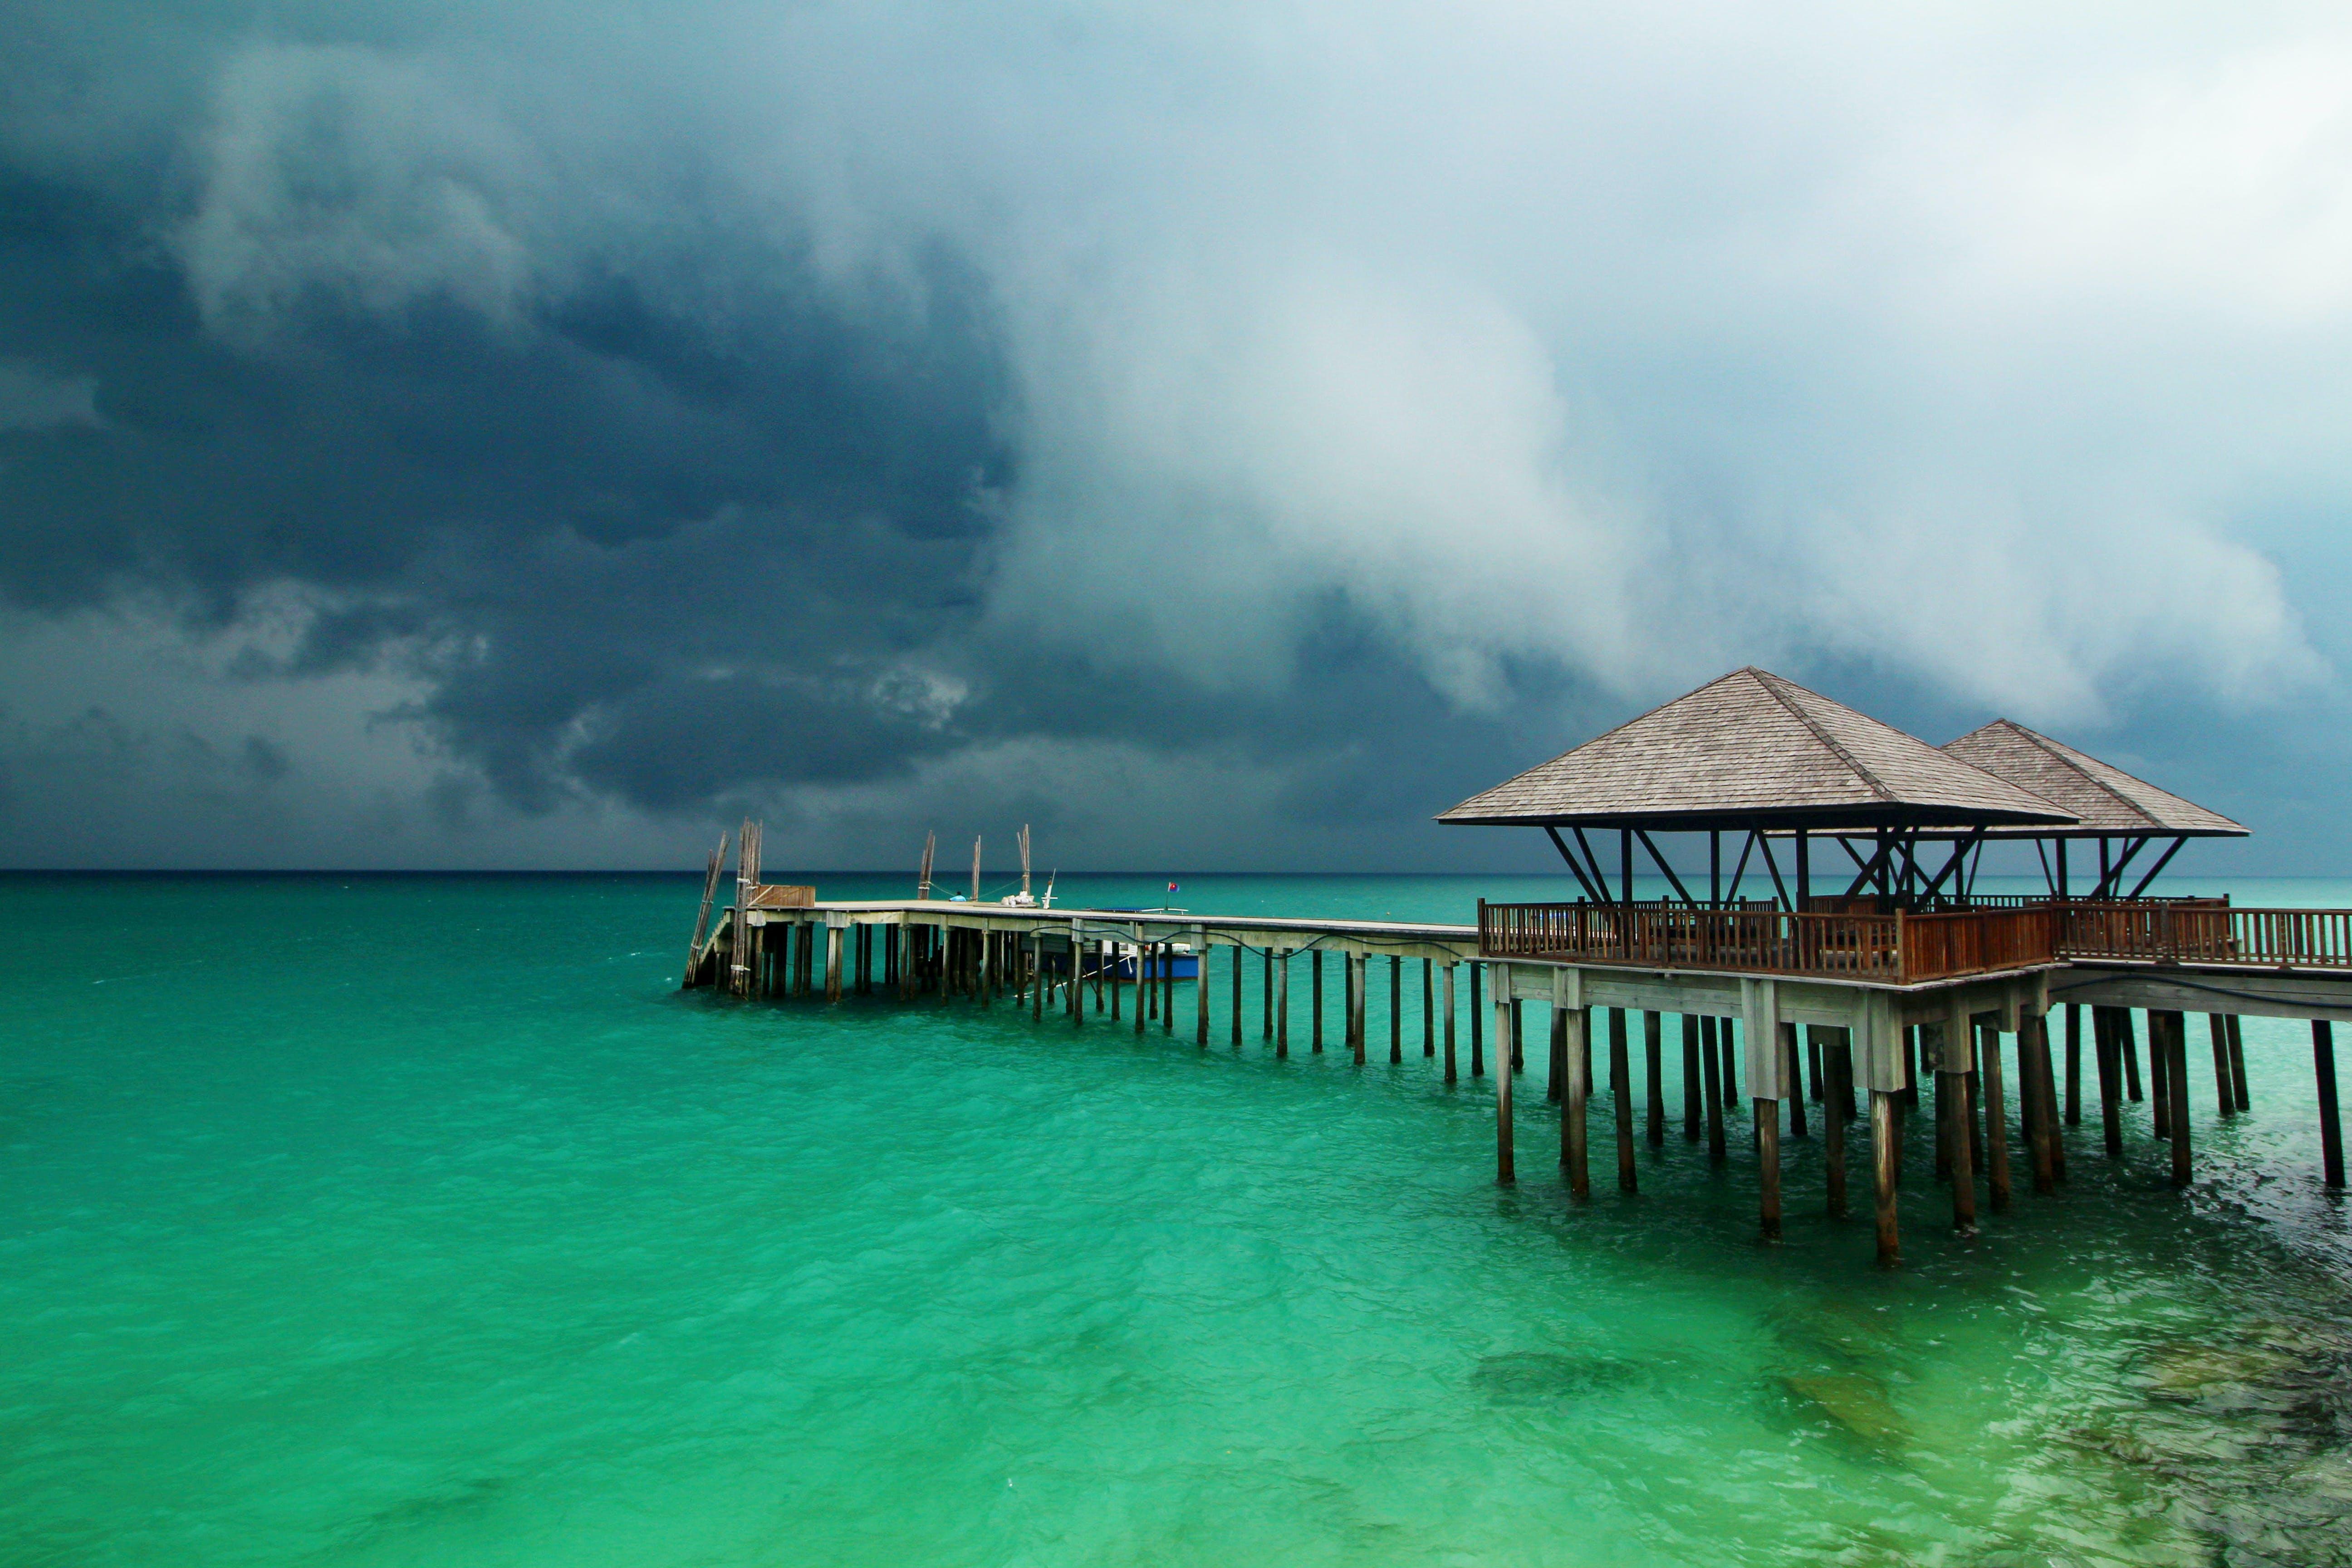 구름, 바다, 부두, 폭풍의 무료 스톡 사진